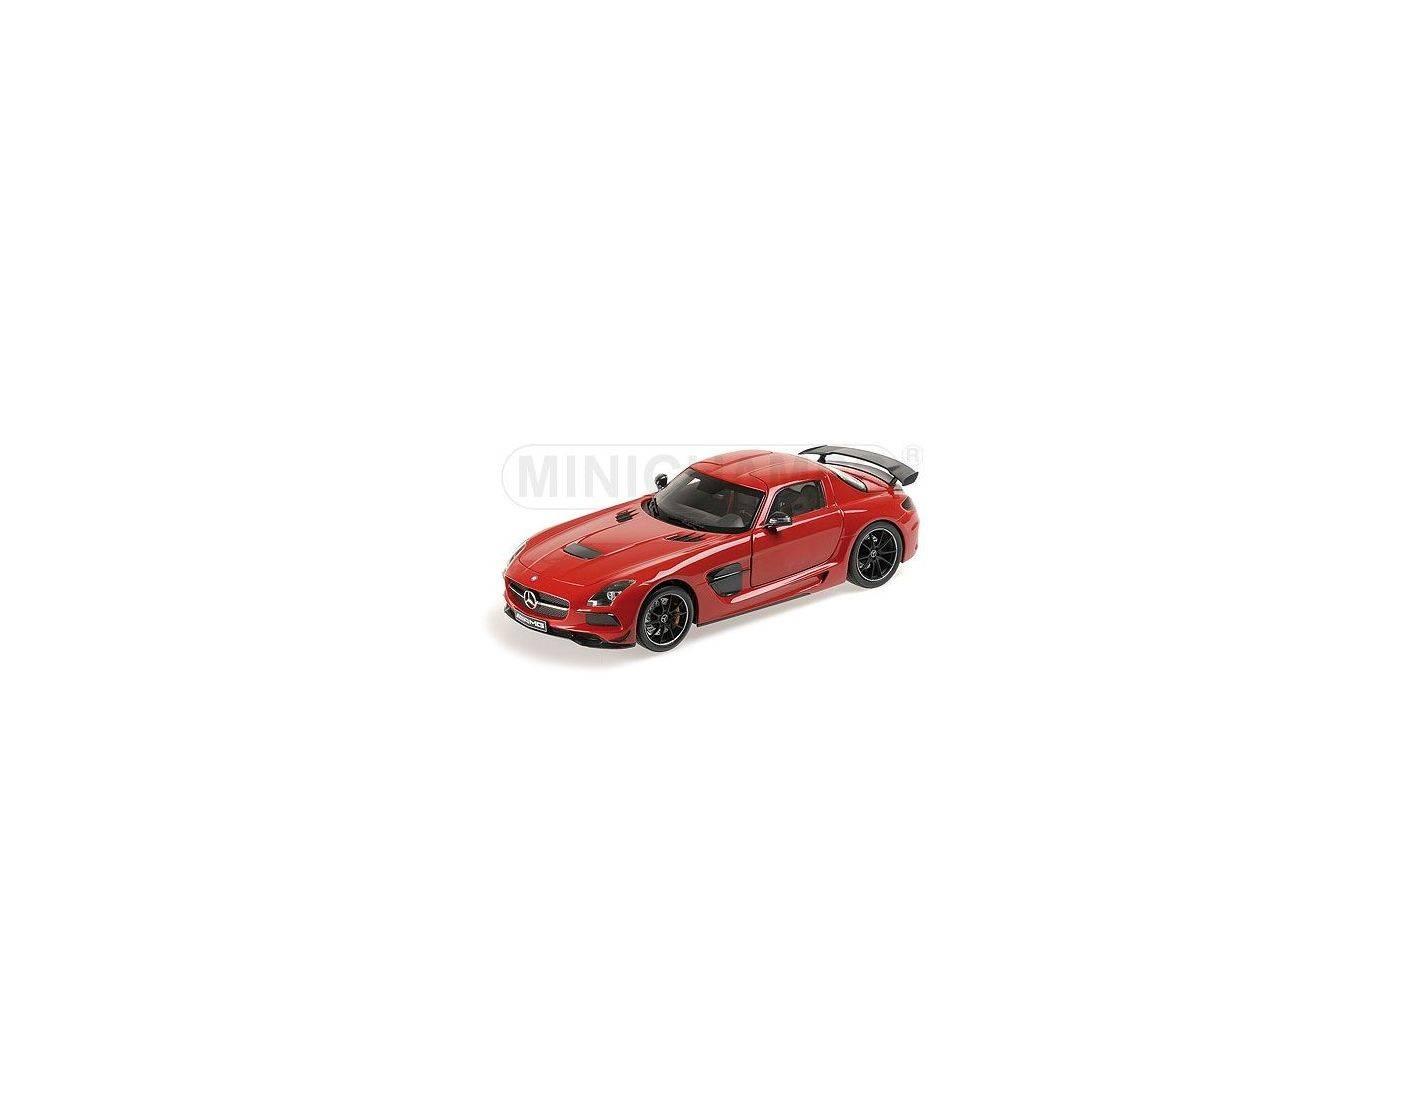 Minichamps 110033022 mercedes benz sls amg black series for Mercedes benz sls amg red